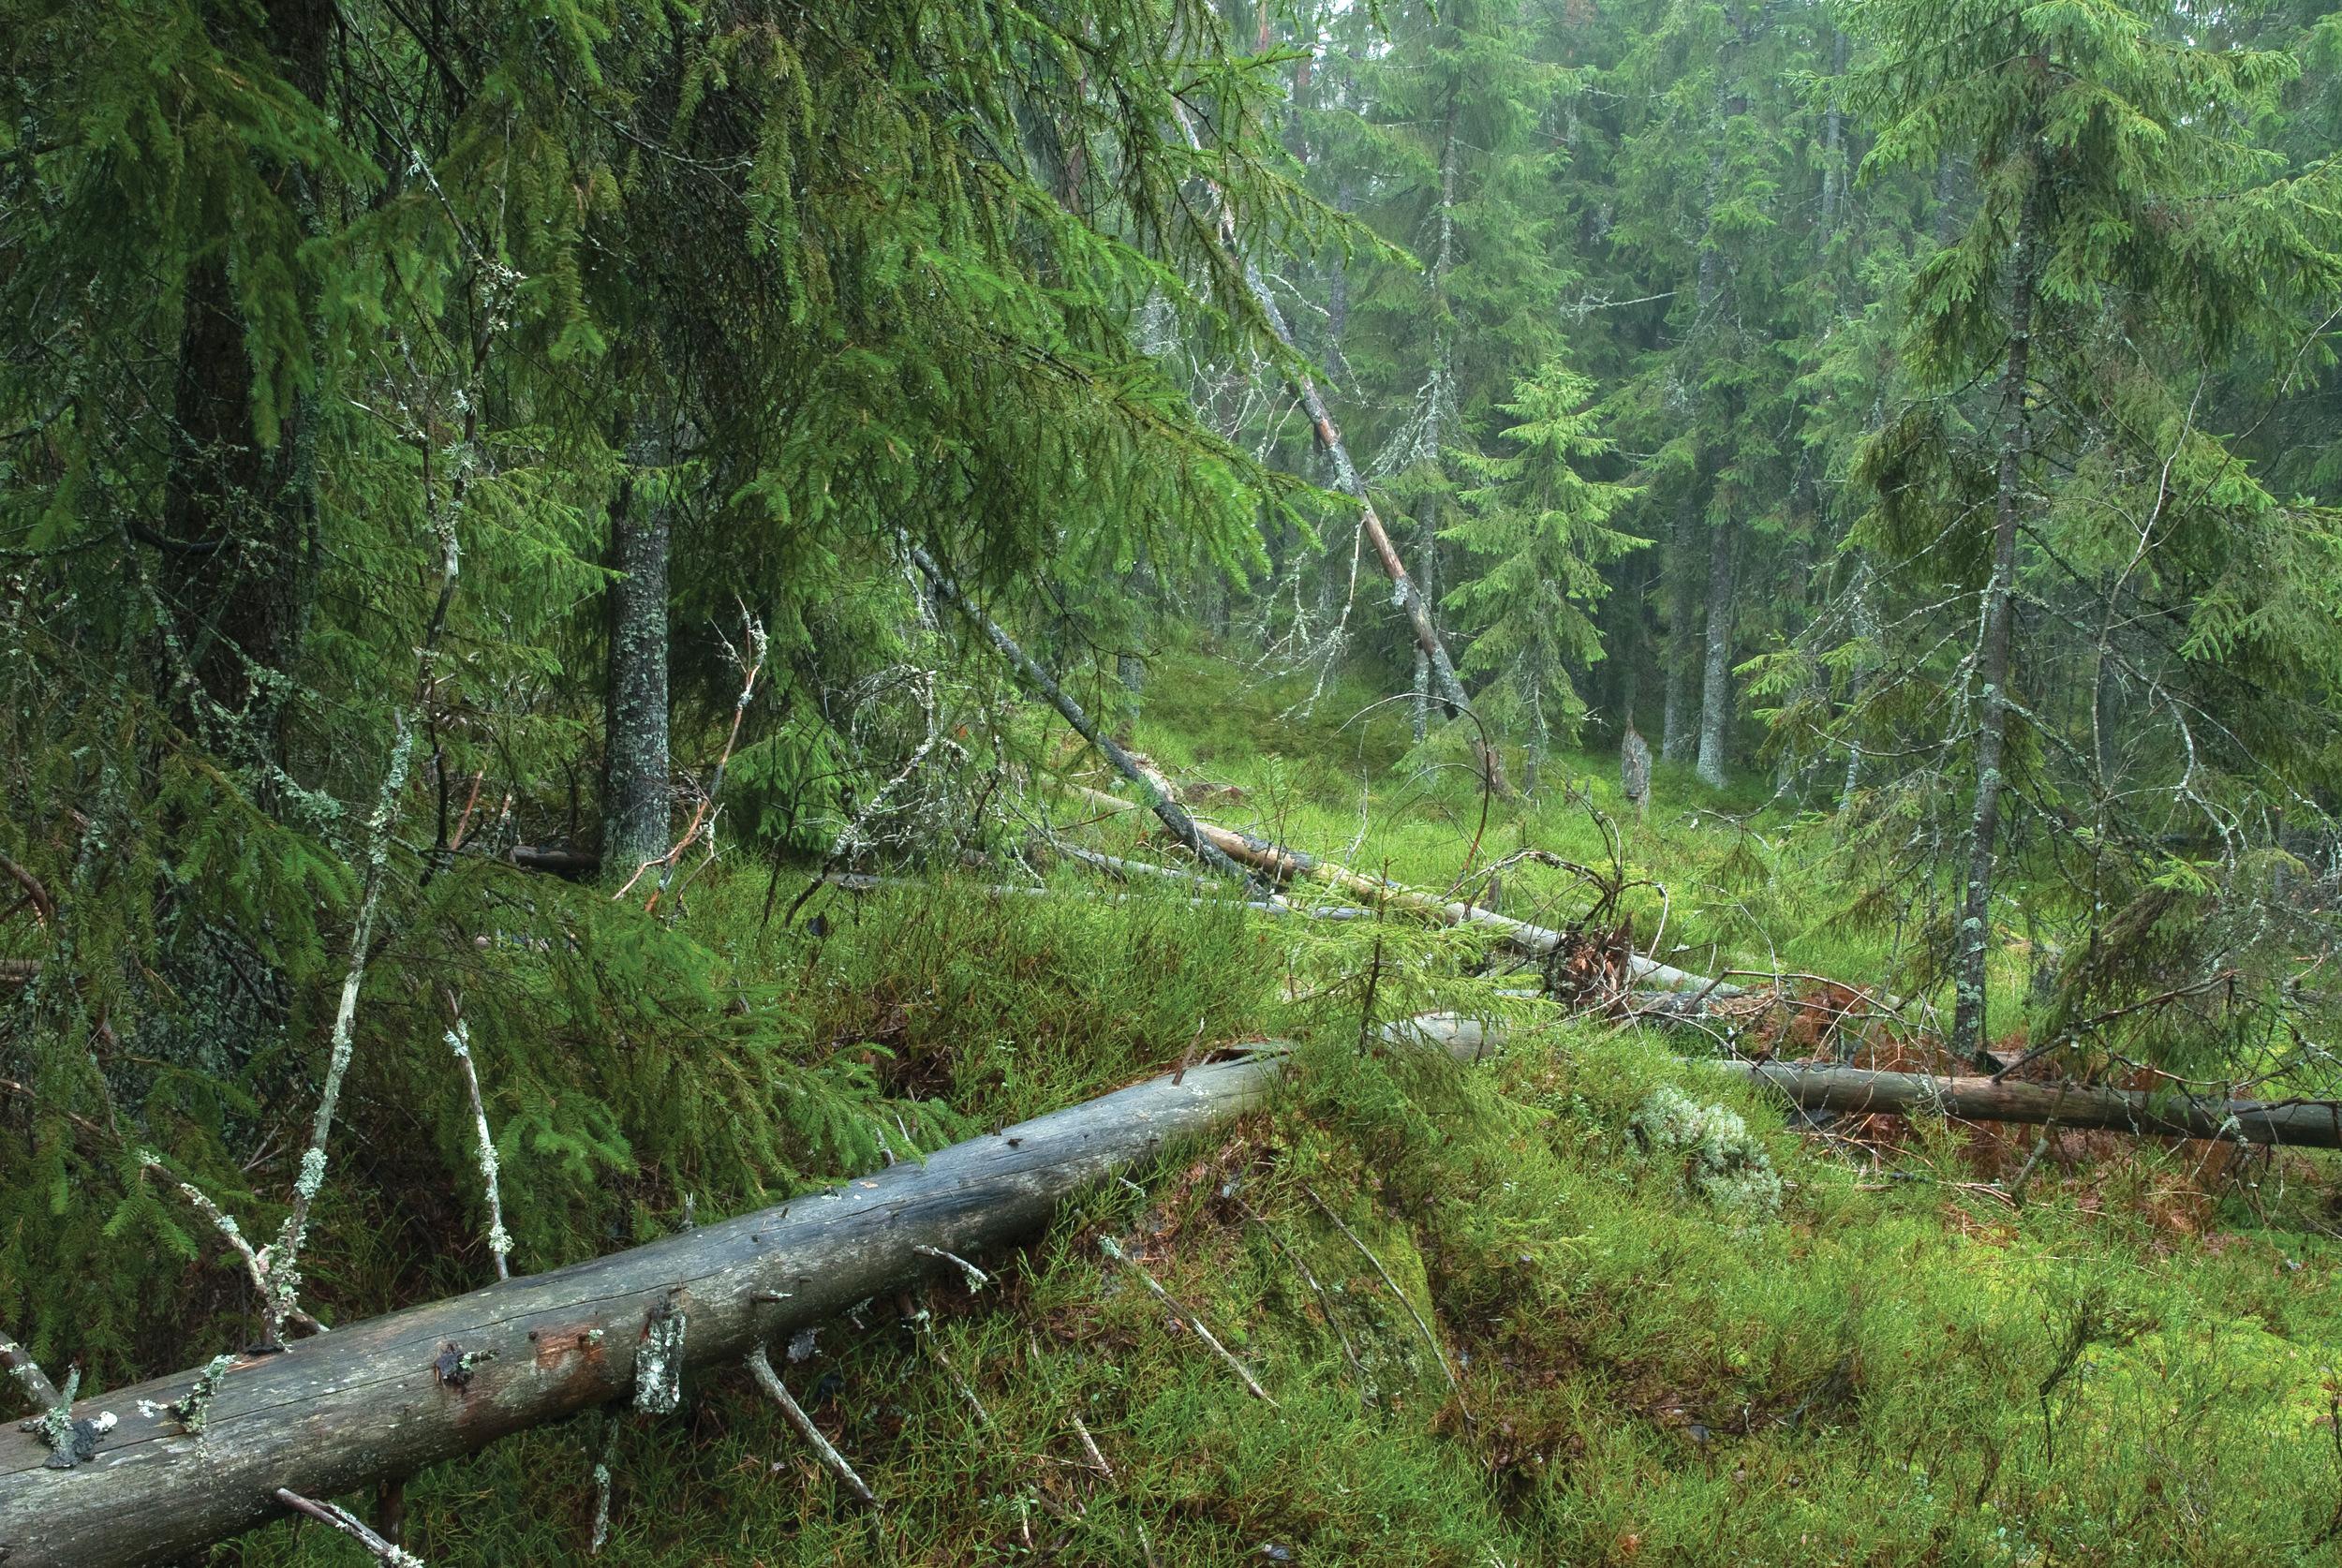 Død ved er et viktig livsmiljø for mange skoglevende arter. Liggende død ved er det vanligst forekommende livsmiljøet. Ås, Akershus. Foto: Dan Aamlid, NIBIO